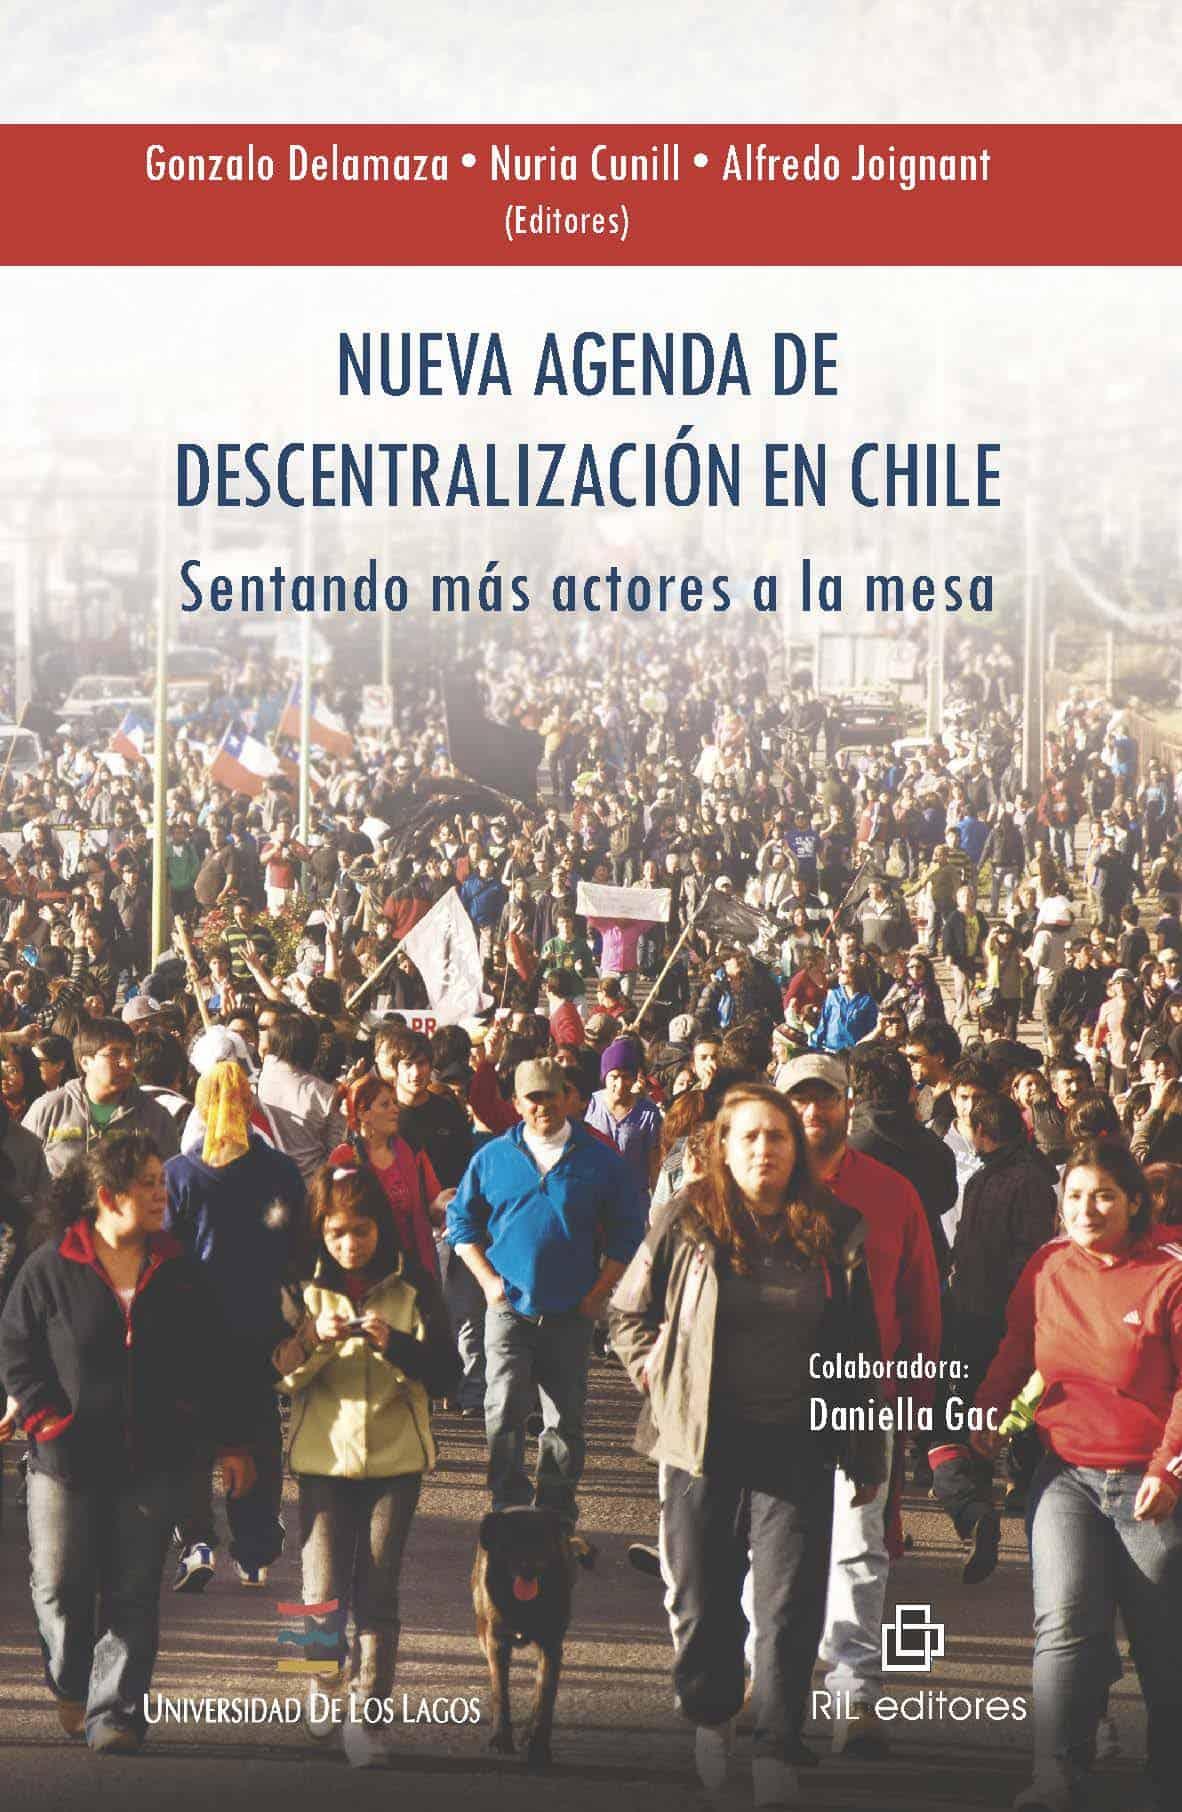 Nueva agenda de descentralización en Chile: sentando más actores a la mesa 1